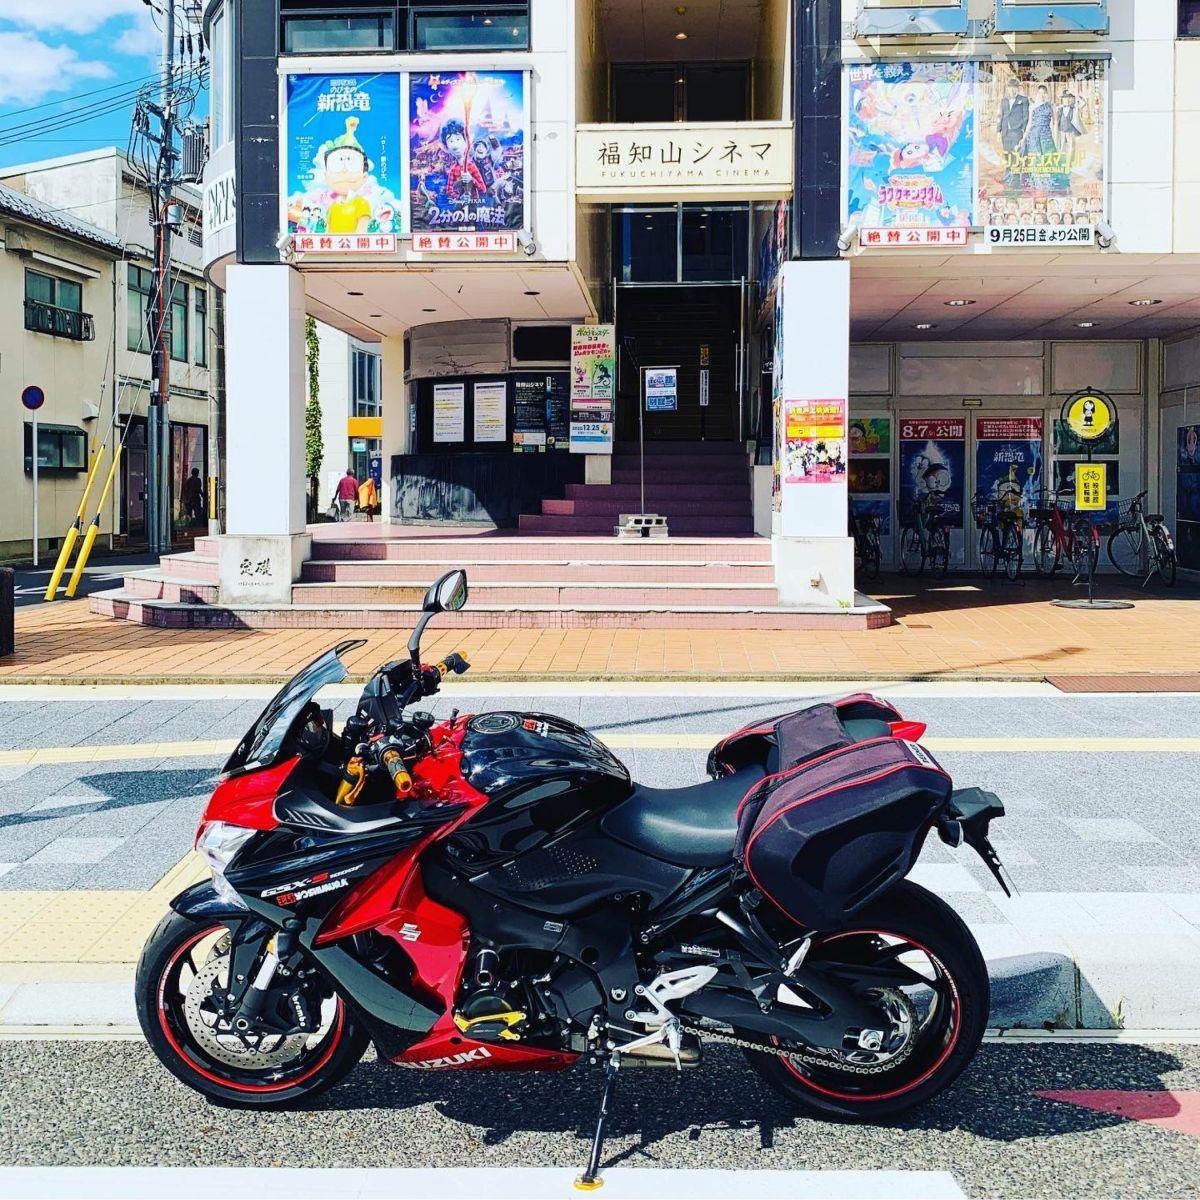 Roninさんの投稿した愛車情報 Gsx S1000f 福知山 綾部までソロツー シネコンじゃ バイクのカスタム ツーリング情報ならモトクル Motocle